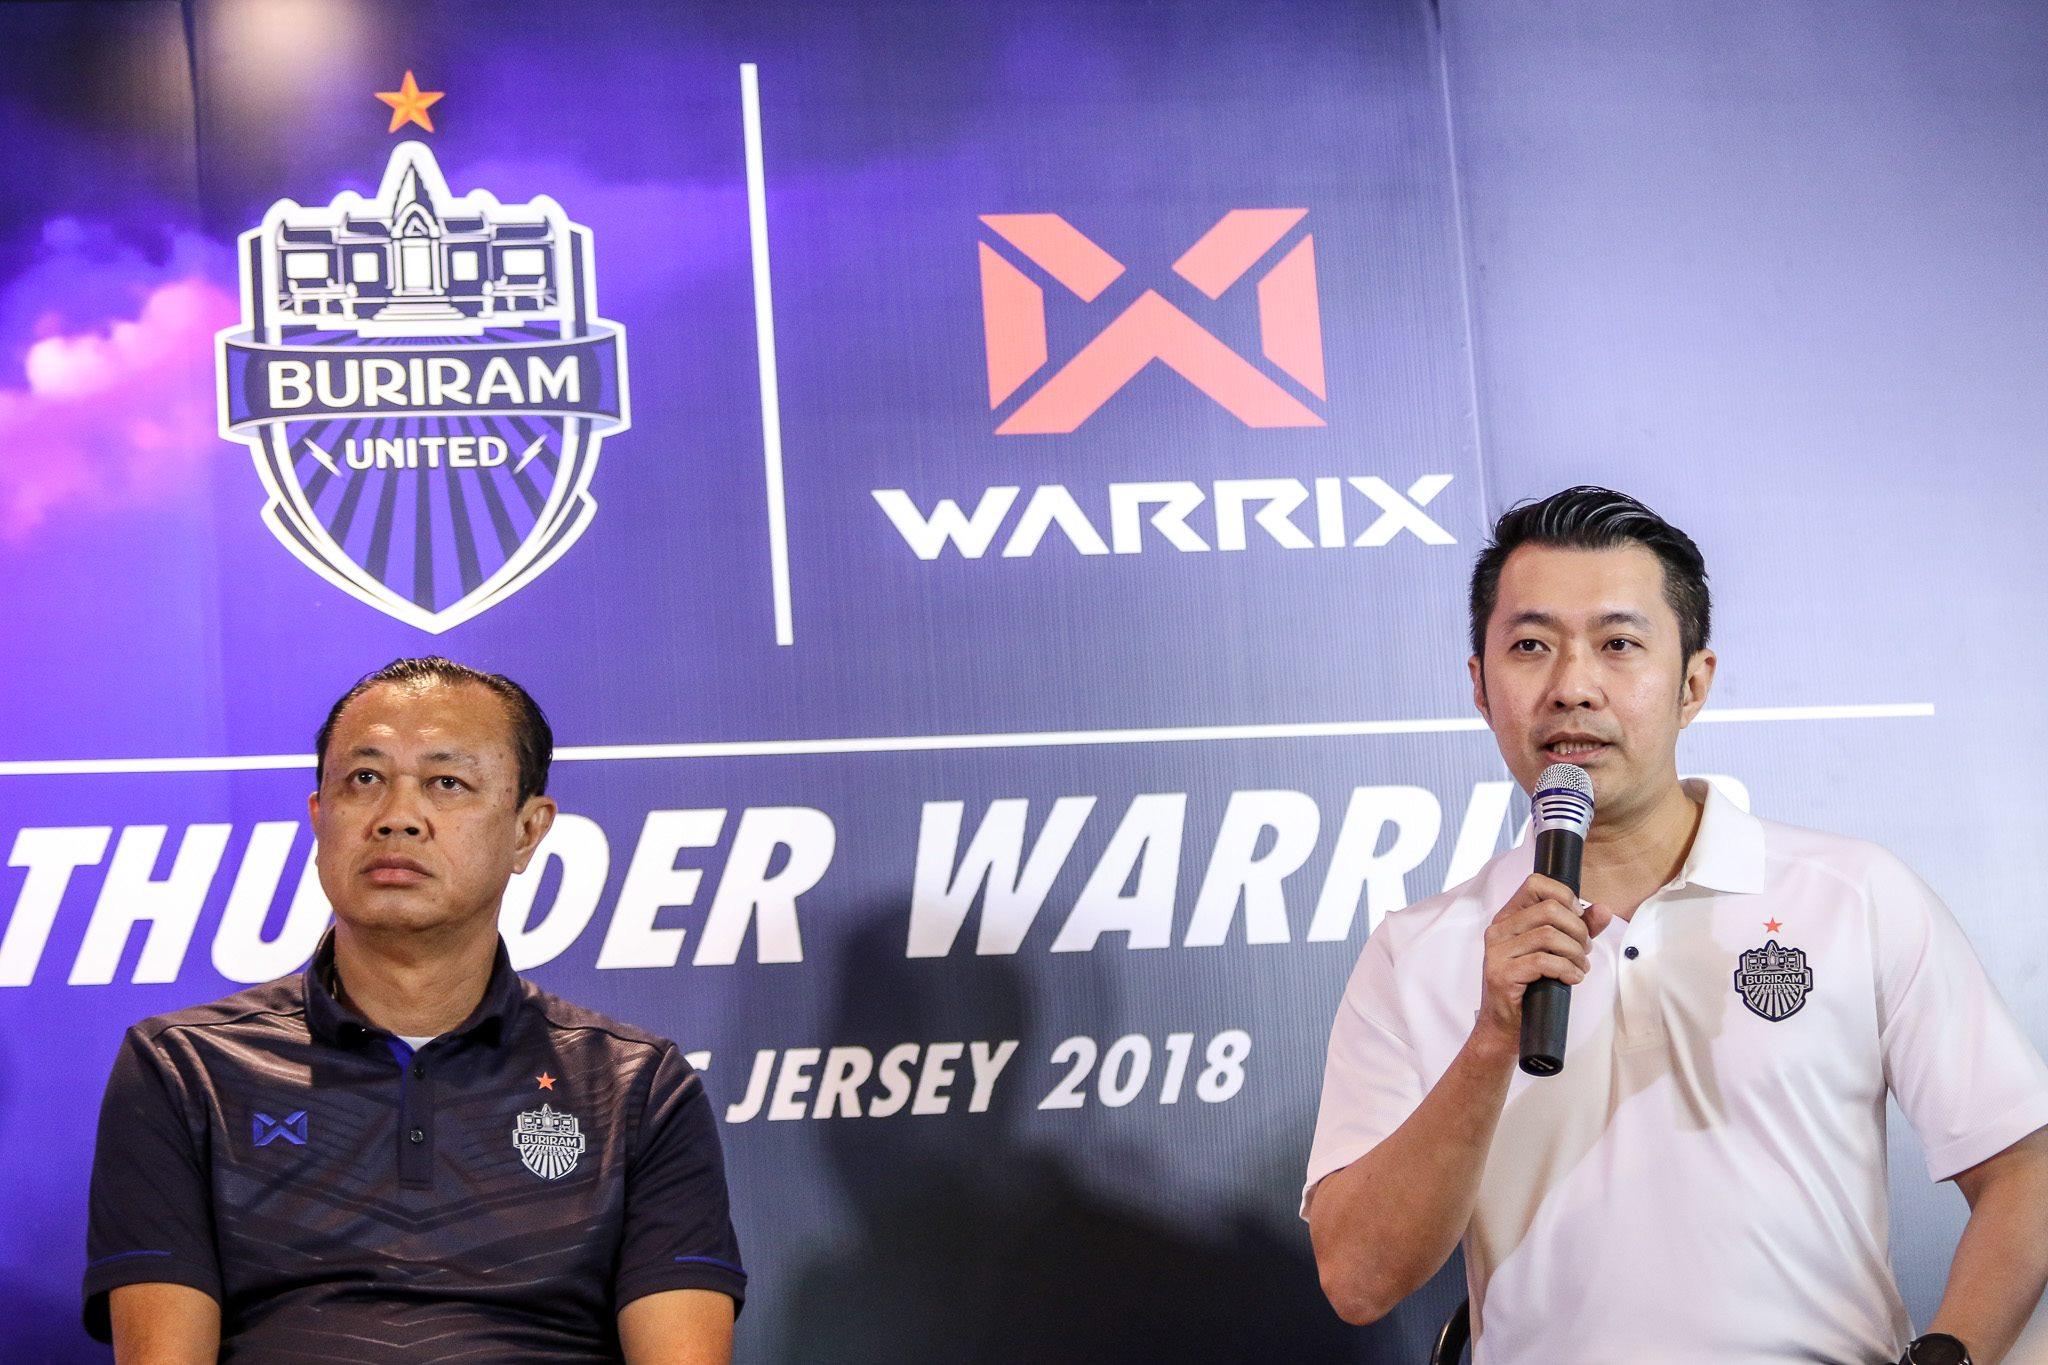 """ส่องชุดแข่งบุรีรัมย์ลุยศึก ACL กับ WARRIX """"THUNDER WARRIOR JERSEY 2018"""""""